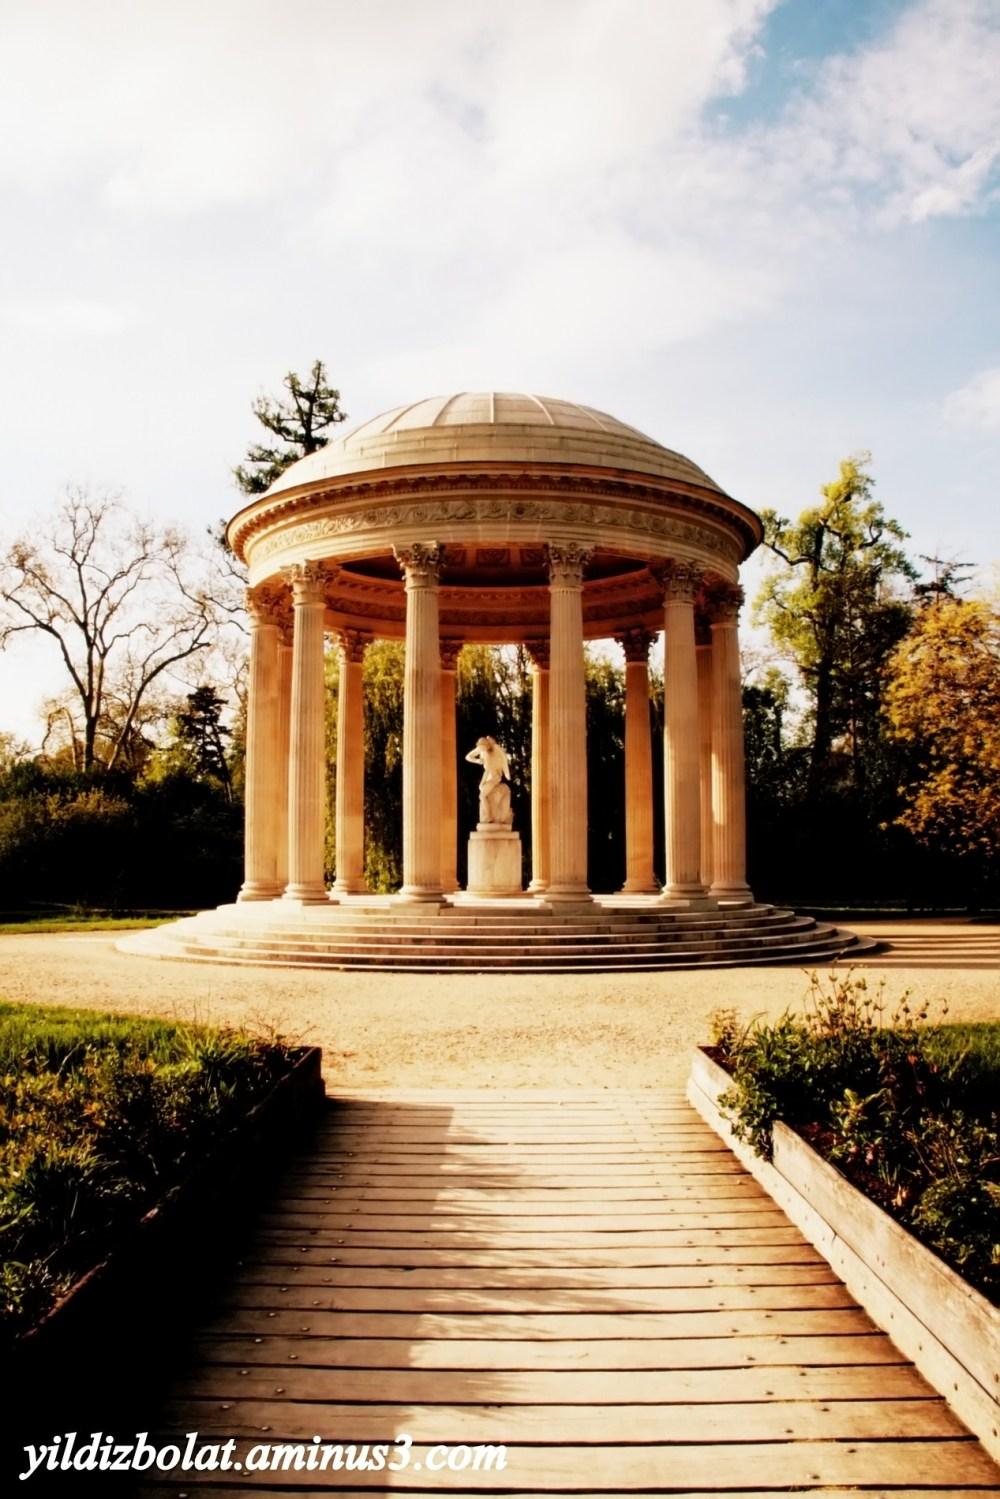 Apollo's Temple